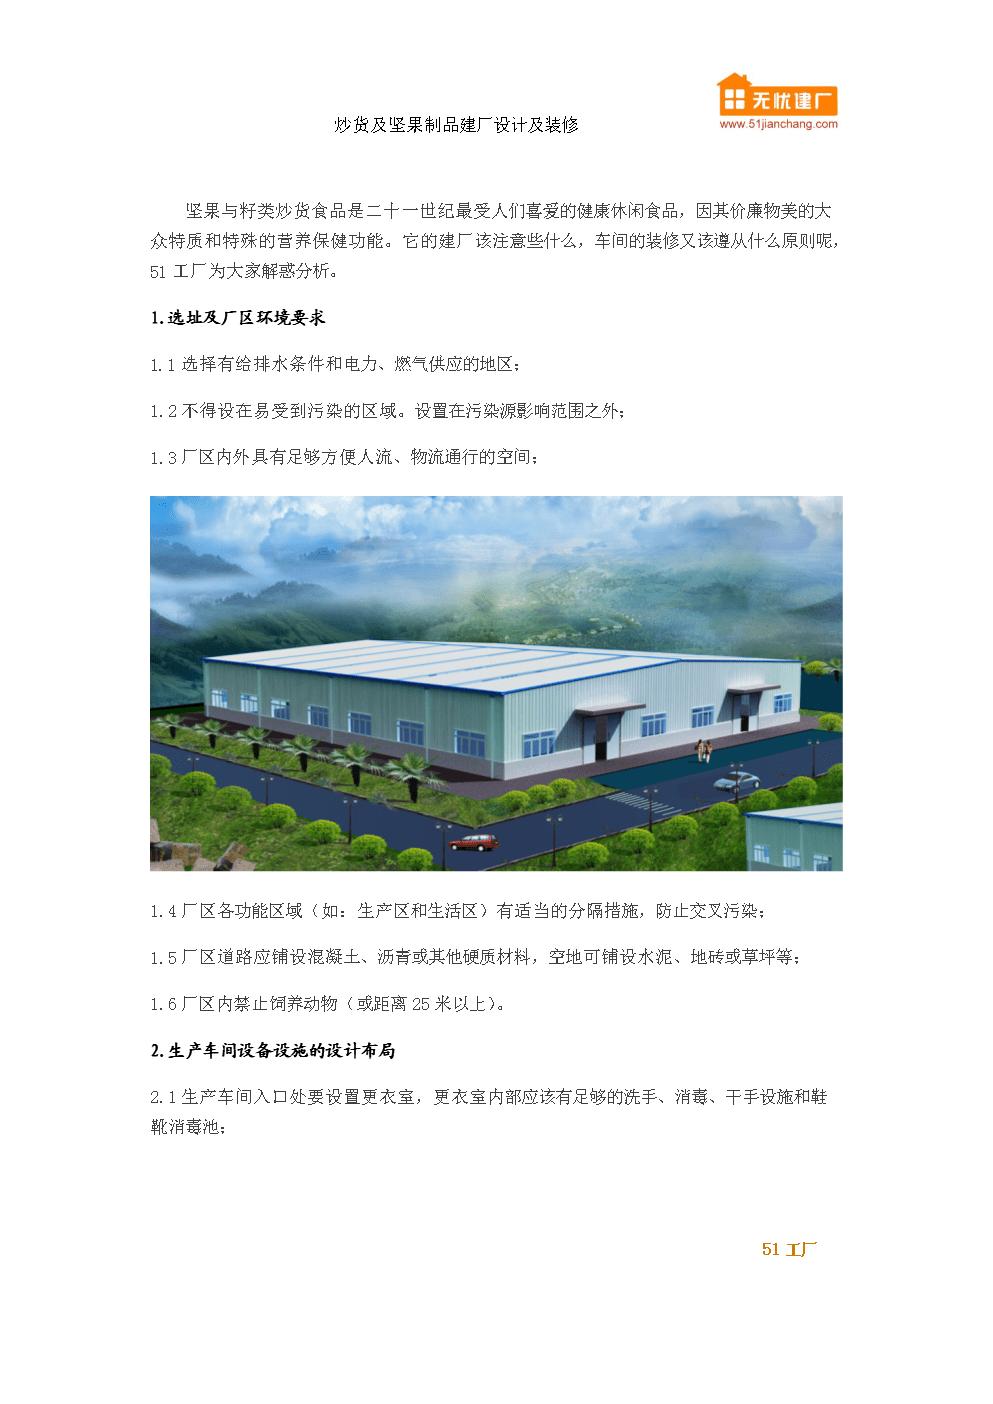 炒货及坚果制品建厂设计及装修要求.docx